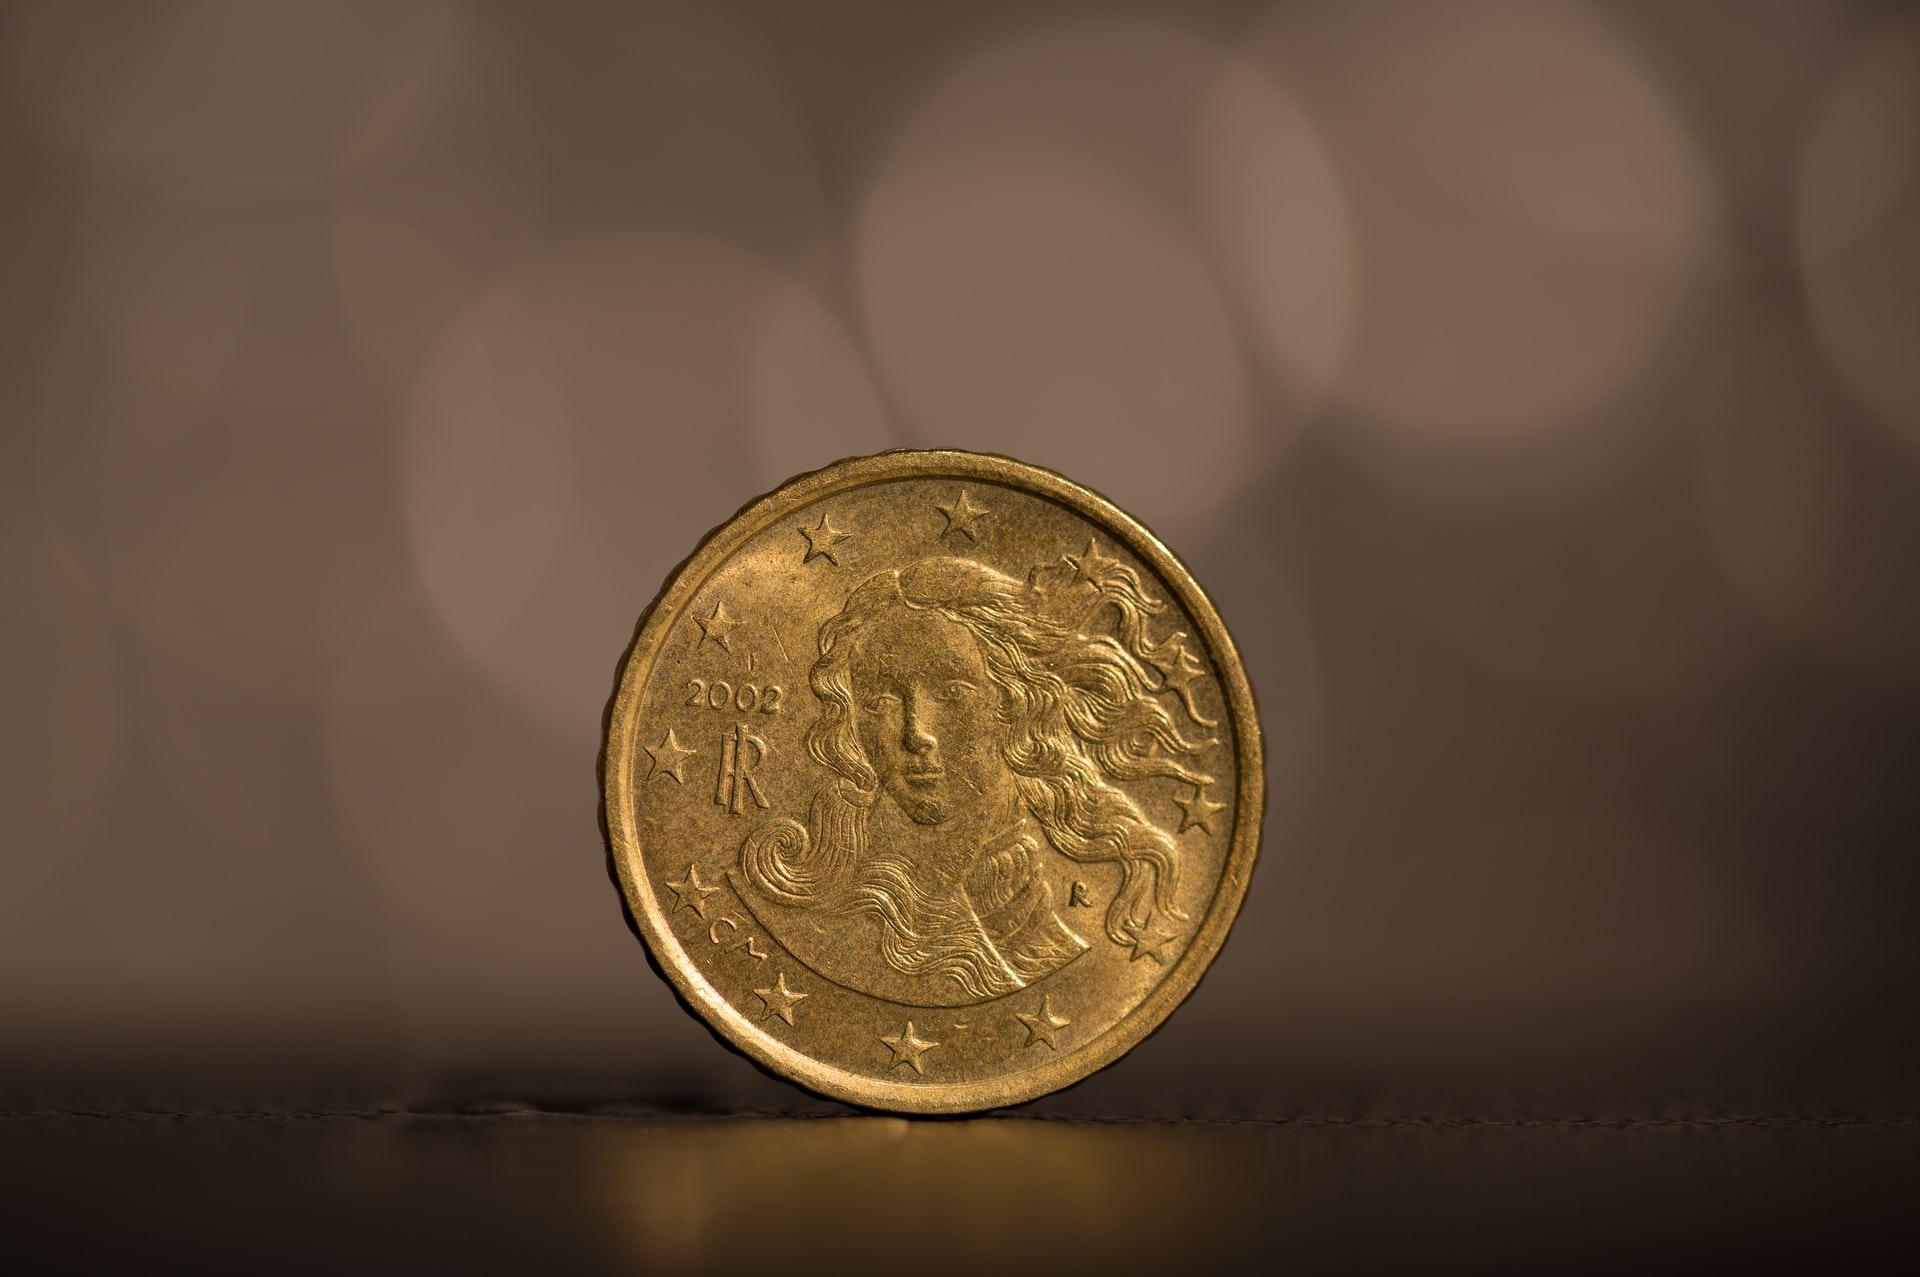 Pièces d'or: Les 5 monnaies les plus rares et les plus chères du monde